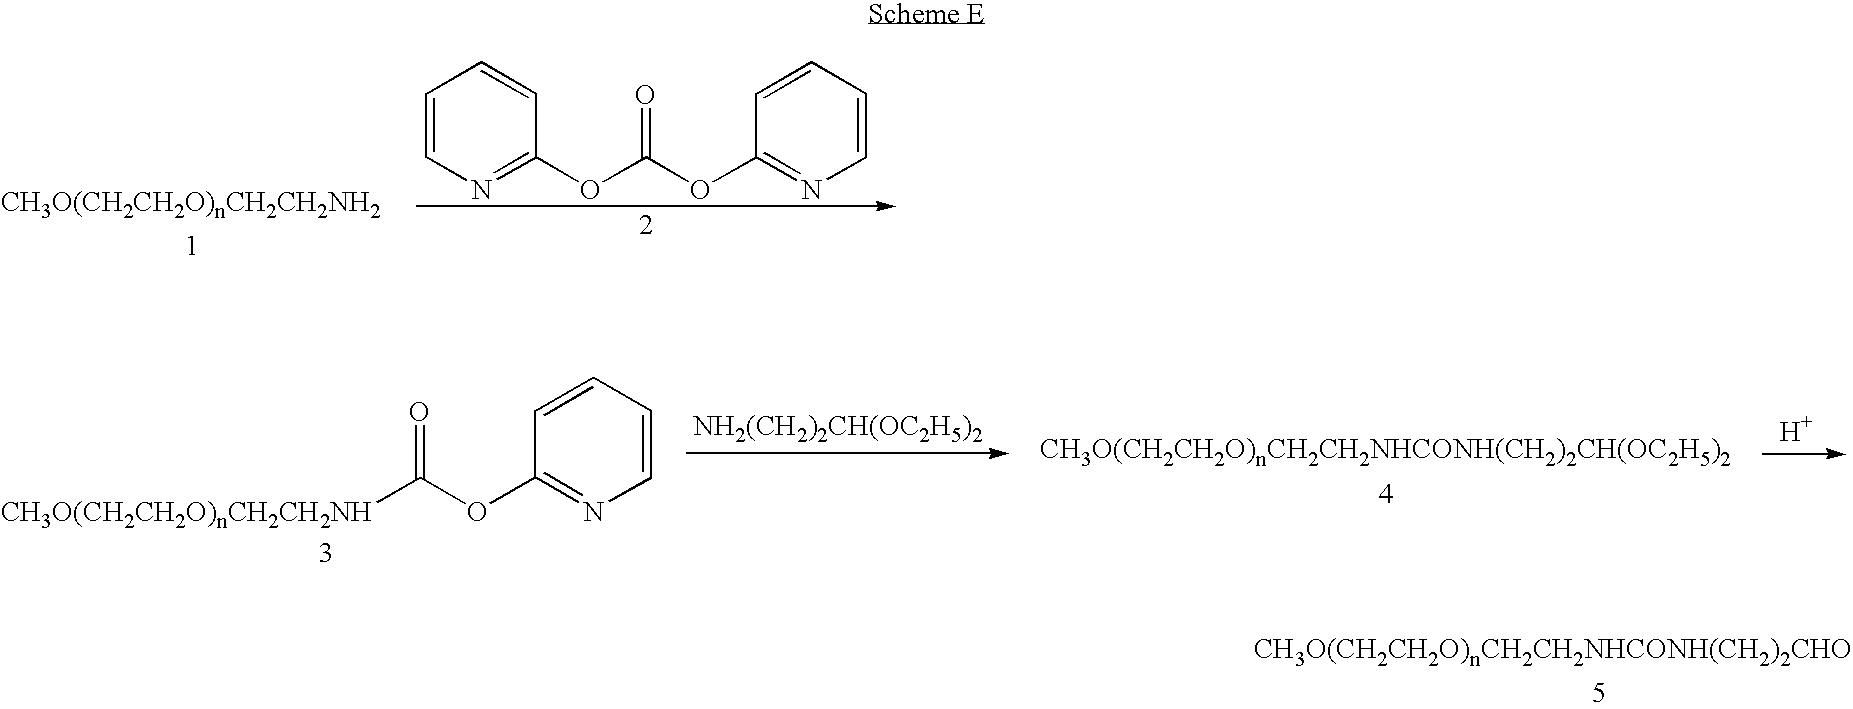 Figure US20040147687A1-20040729-C00028